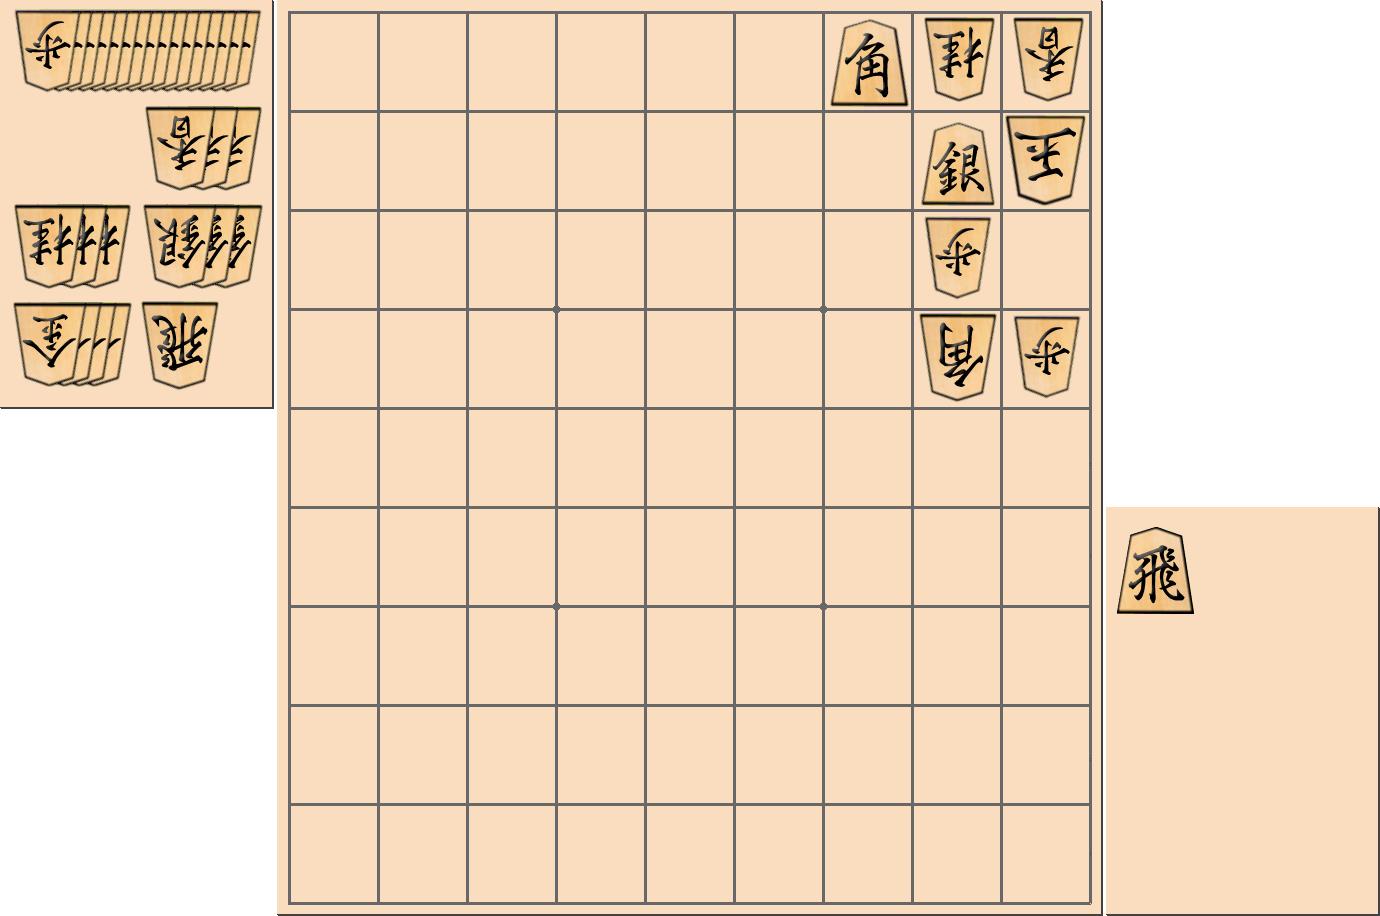 詰将棋:7手詰の問題と解答・解説(第1問)|将棋講座ドットコム